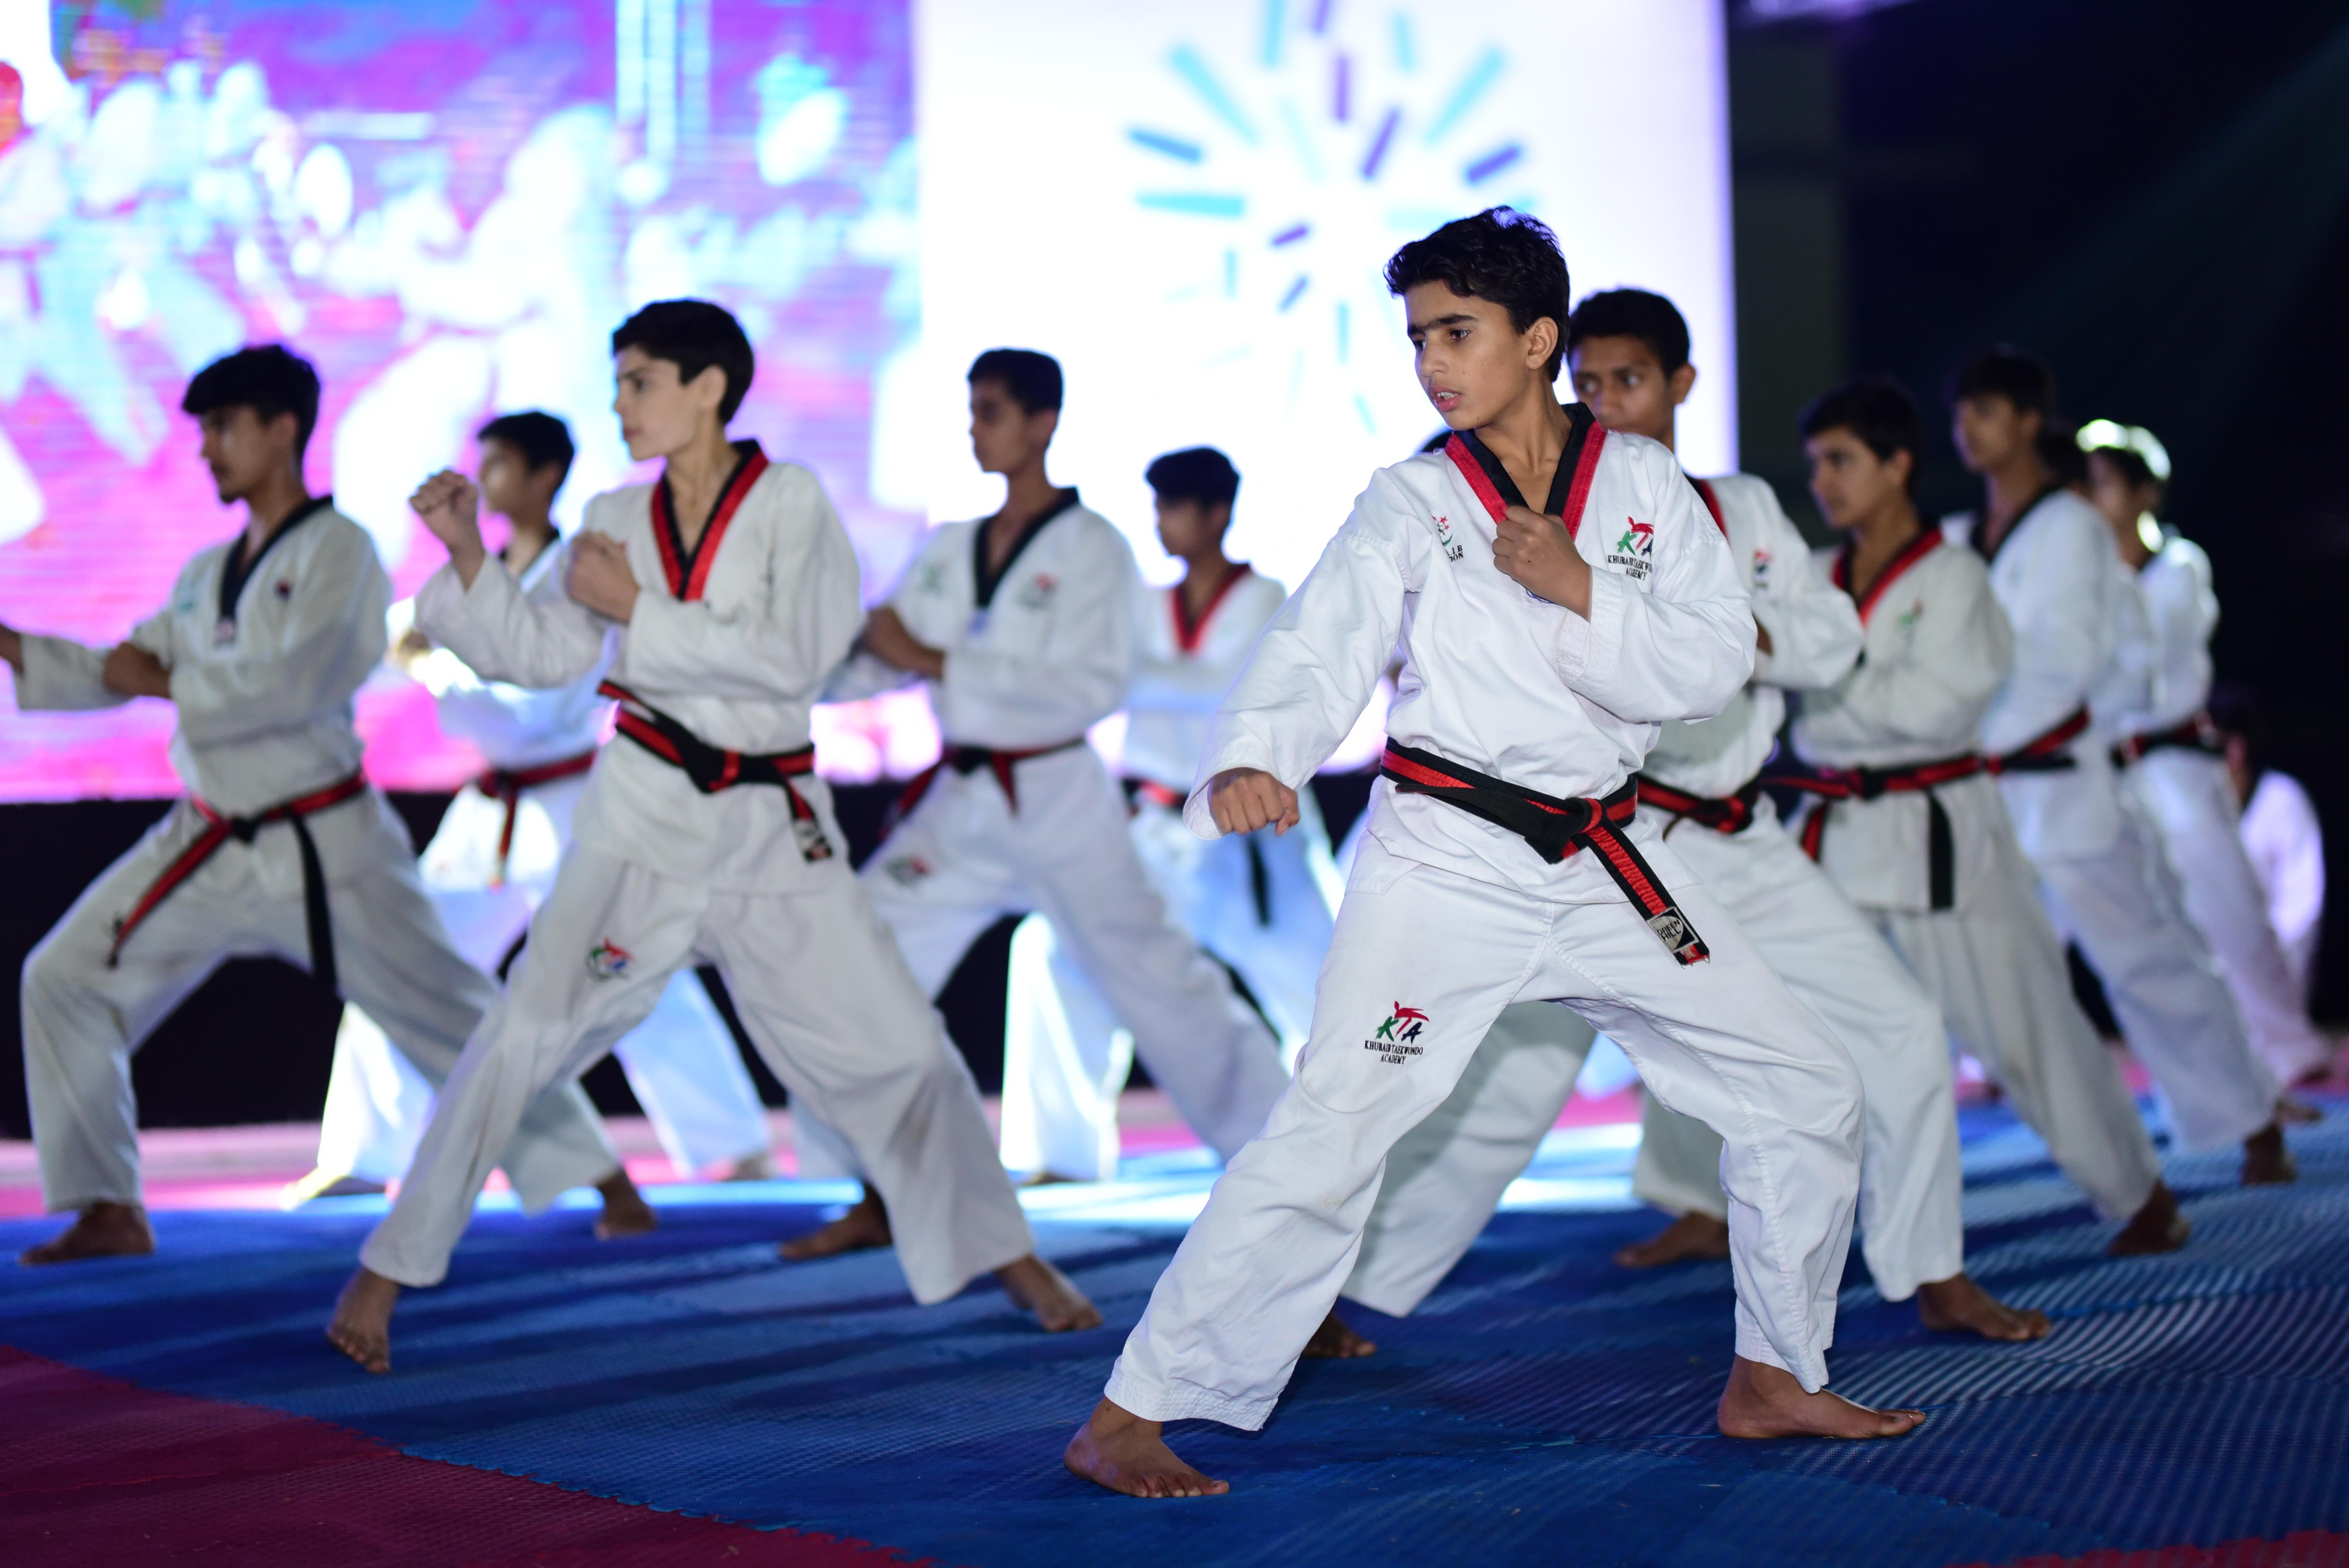 Taekwondo Performance by Khubaib Foundation Kids